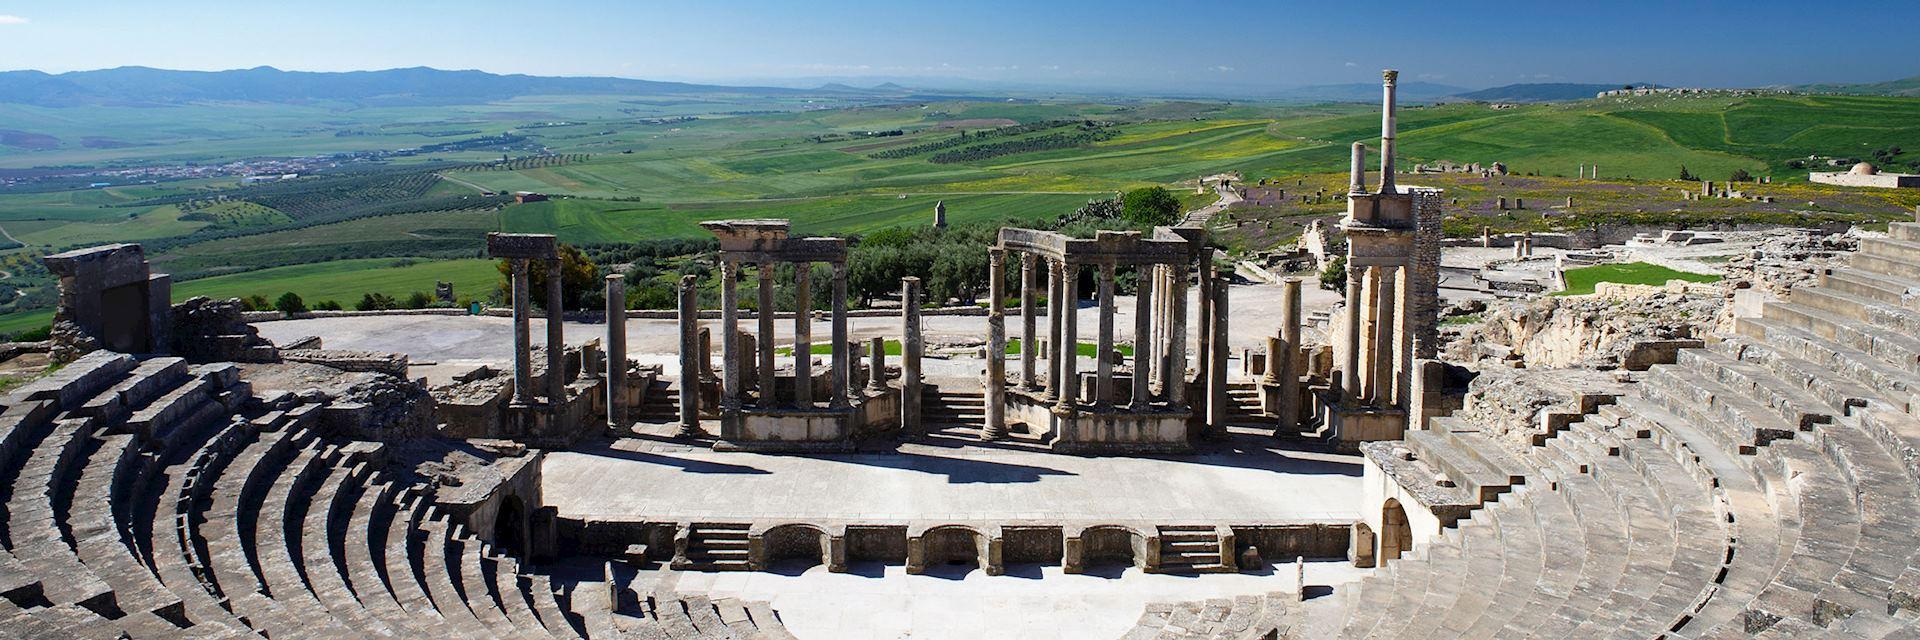 Roman ruins at Dougga